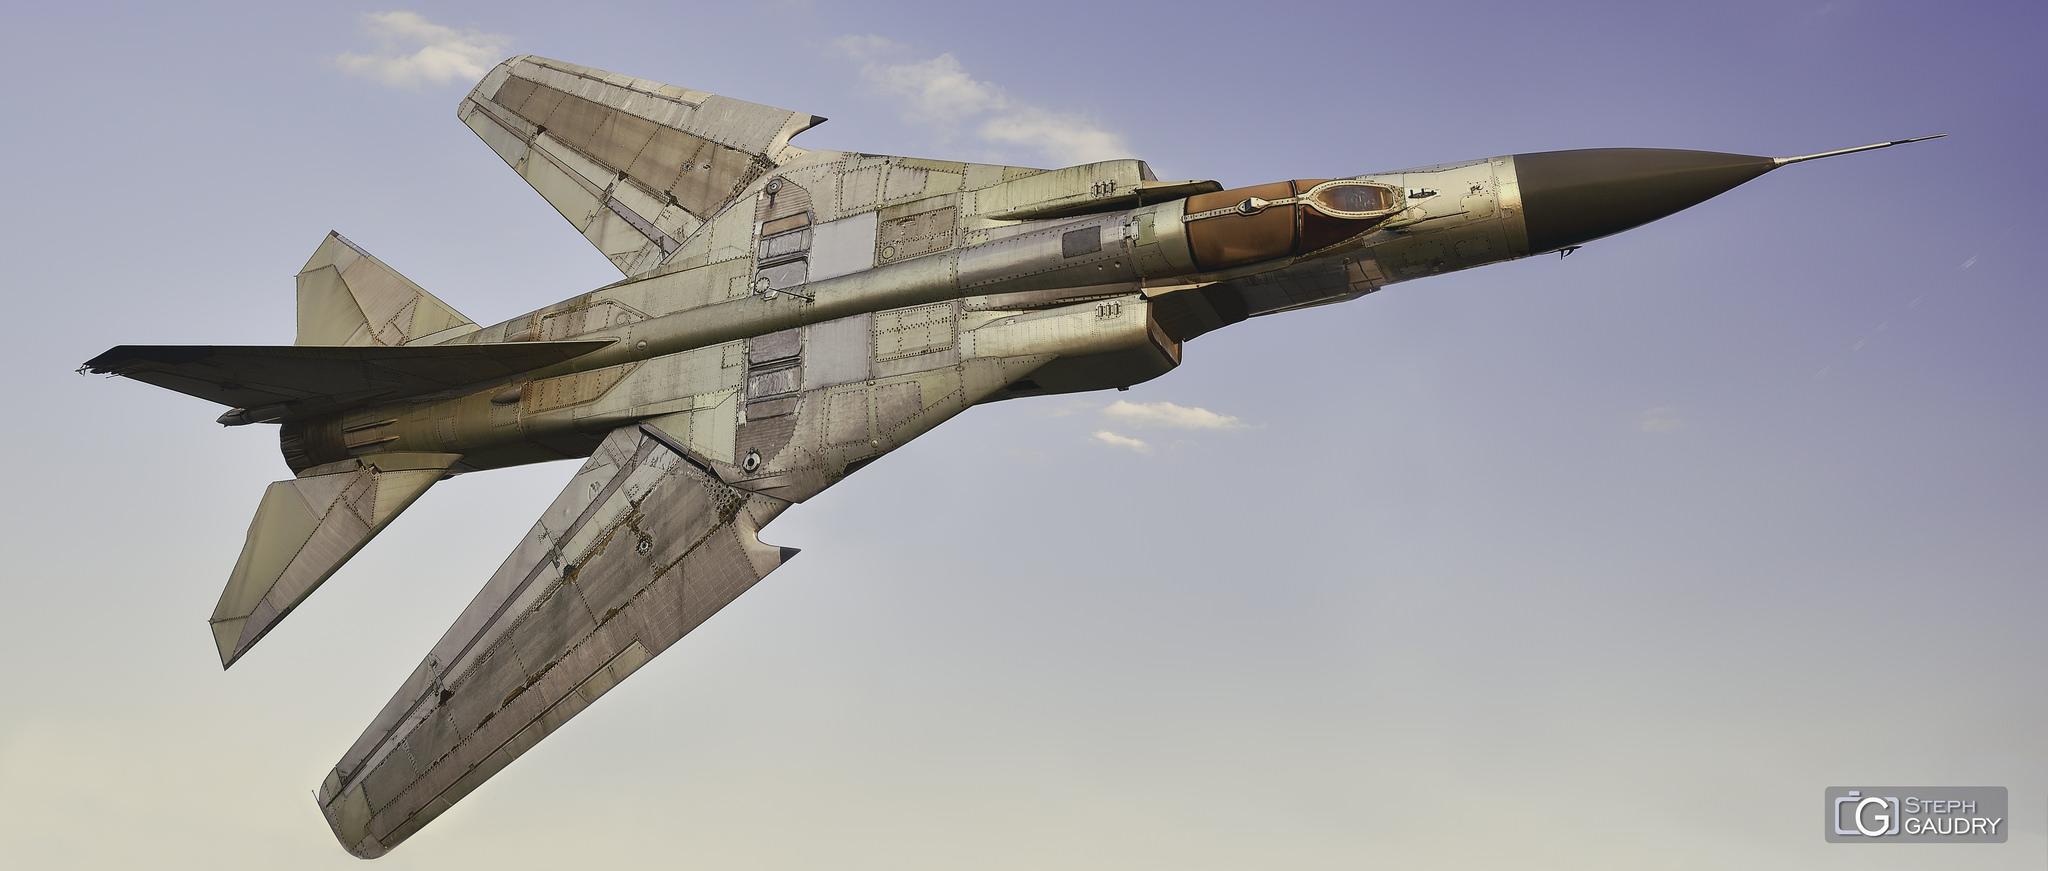 Mikoyan-Gourevitch MiG-23 ML [Click to start slideshow]